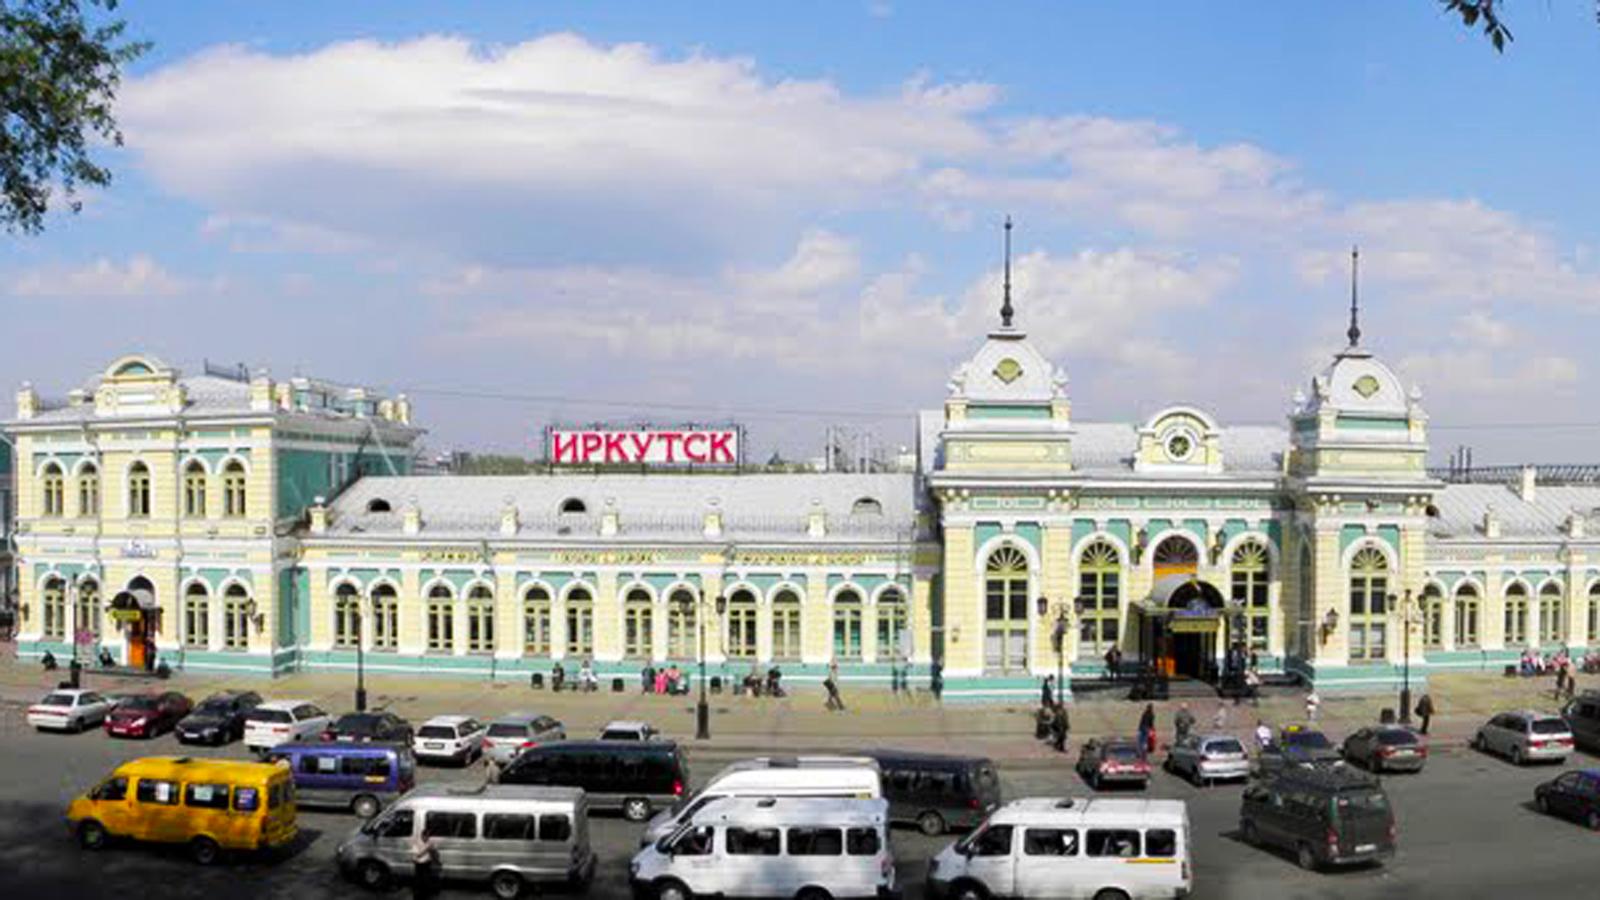 14-15 июня состоится бизнес-миссия в Иркутскую область